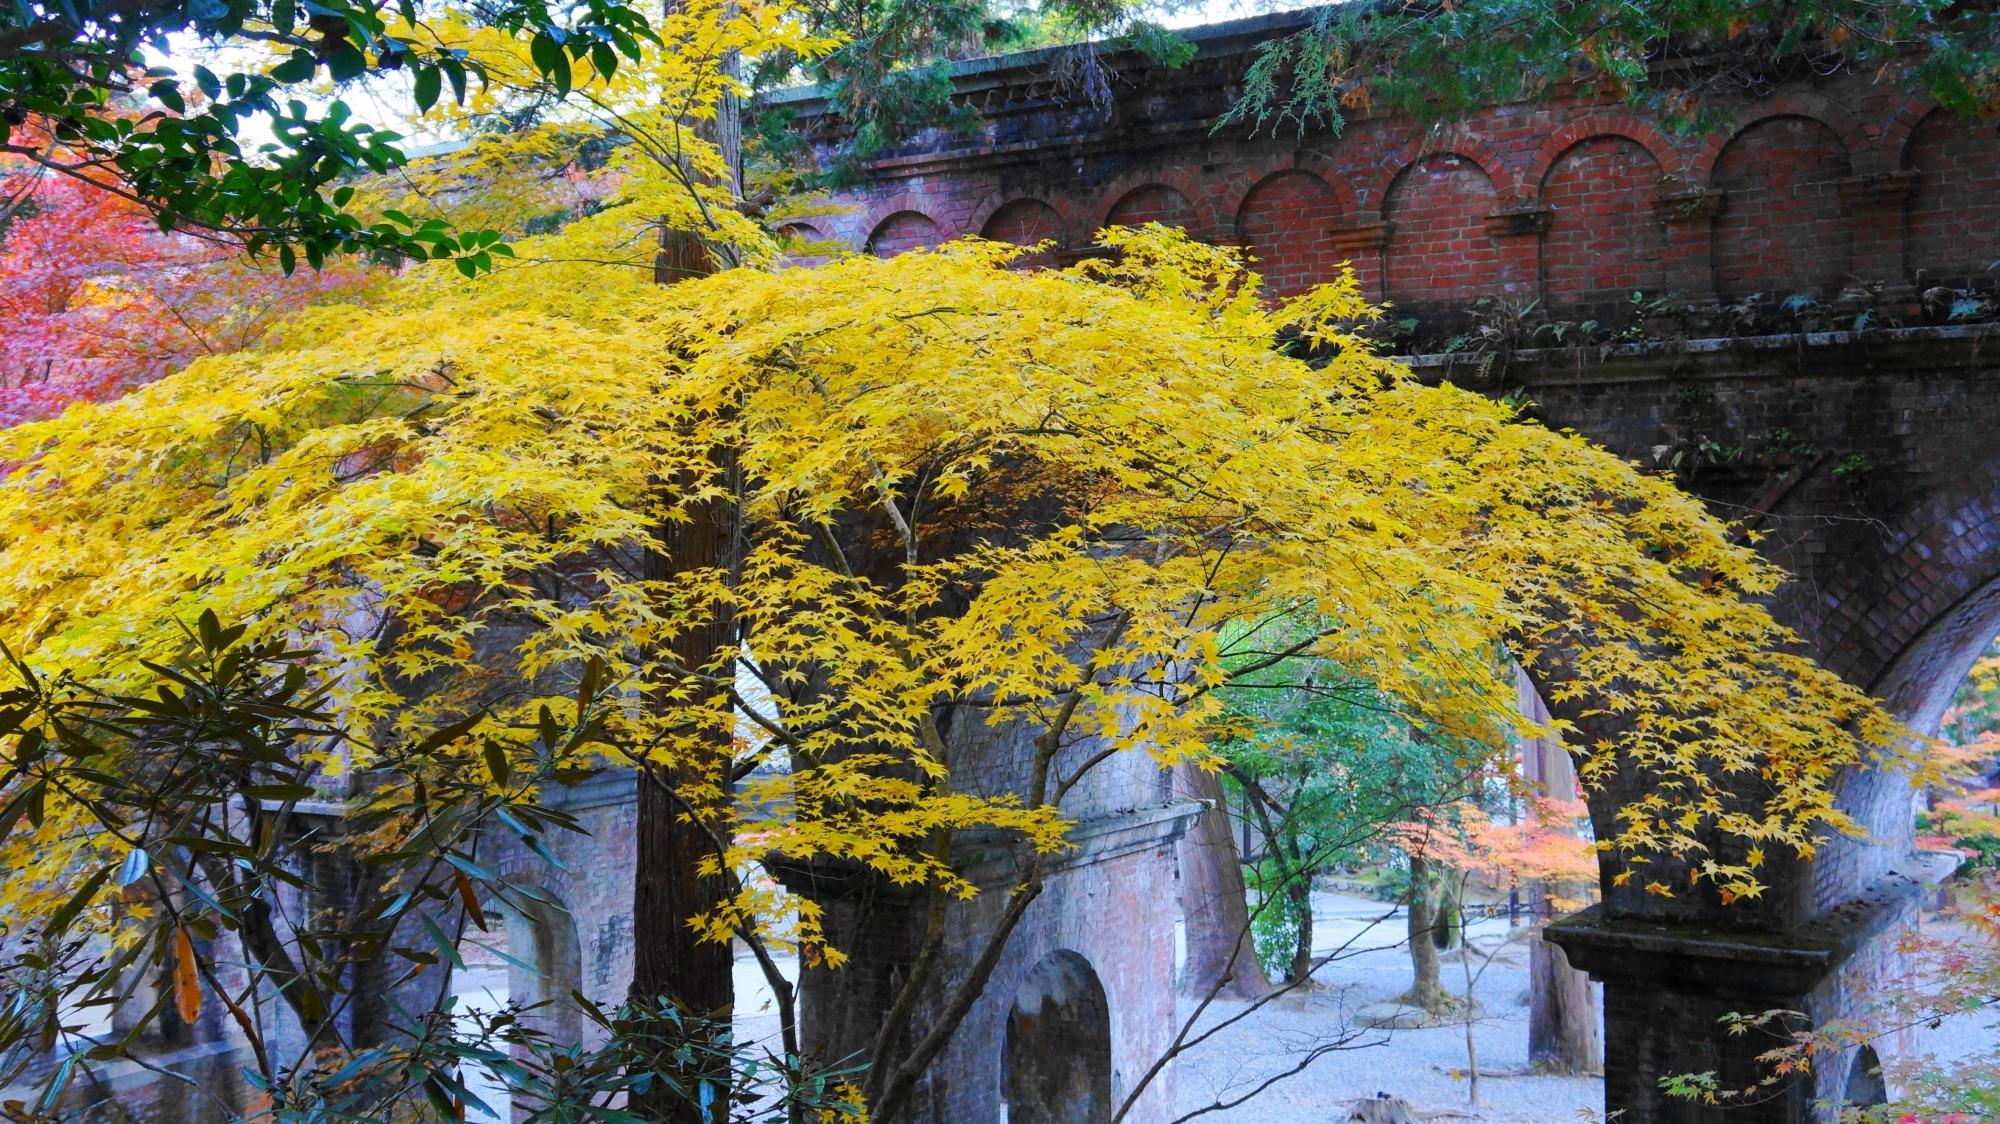 上から眺めた水路閣と華やかな紅葉